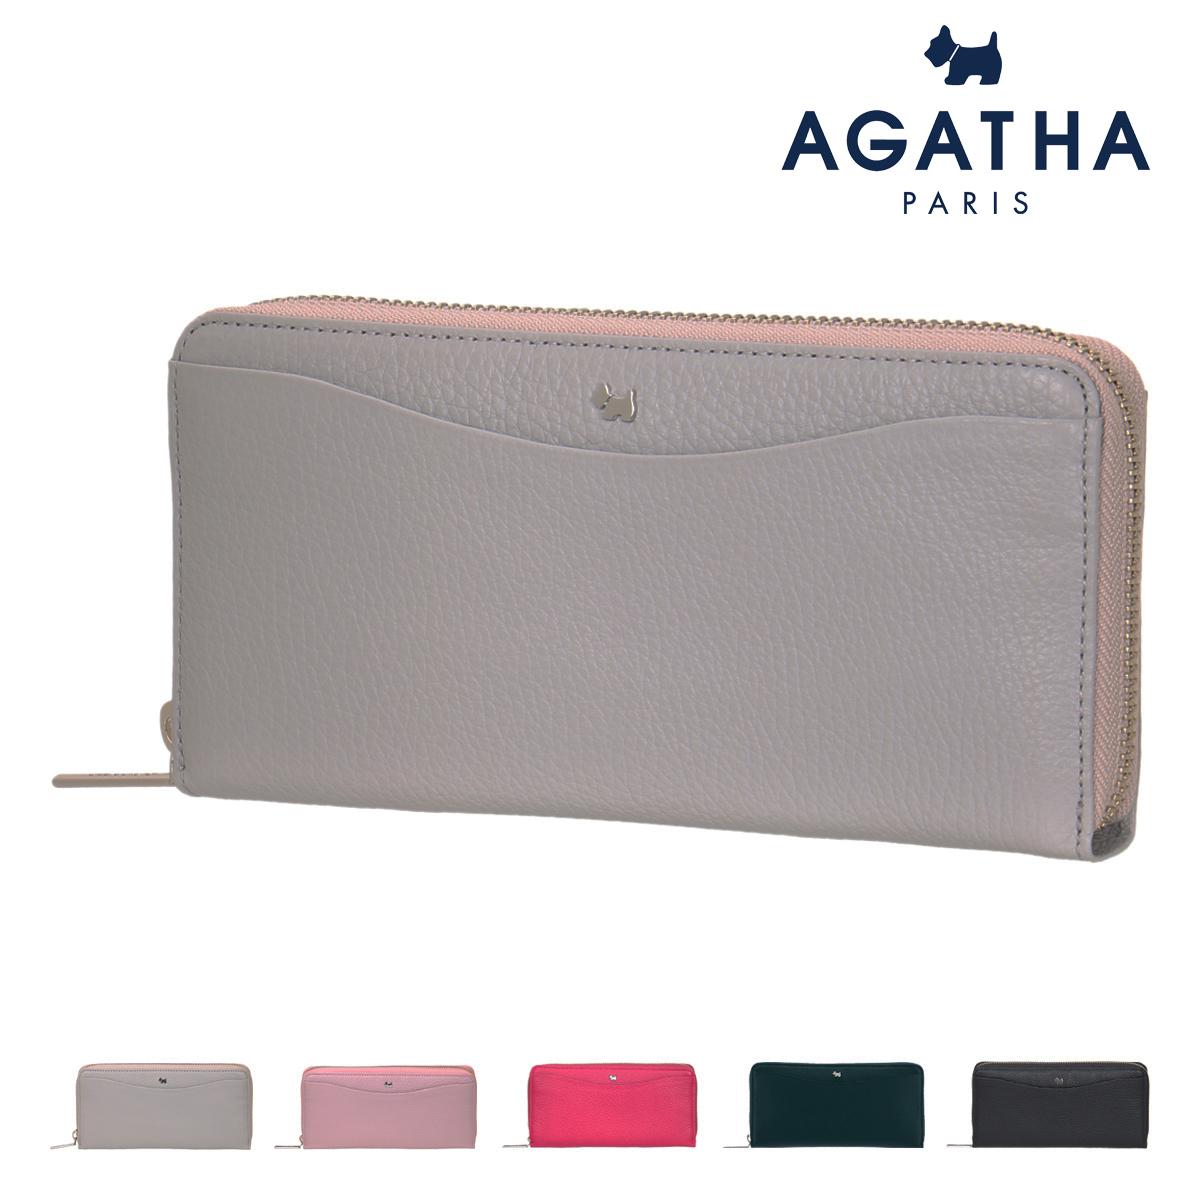 アガタ パリ 長財布 ラウンドファスナー スコッティ レディース 13034 AGATHA PARIS | 牛革 本革 レザー